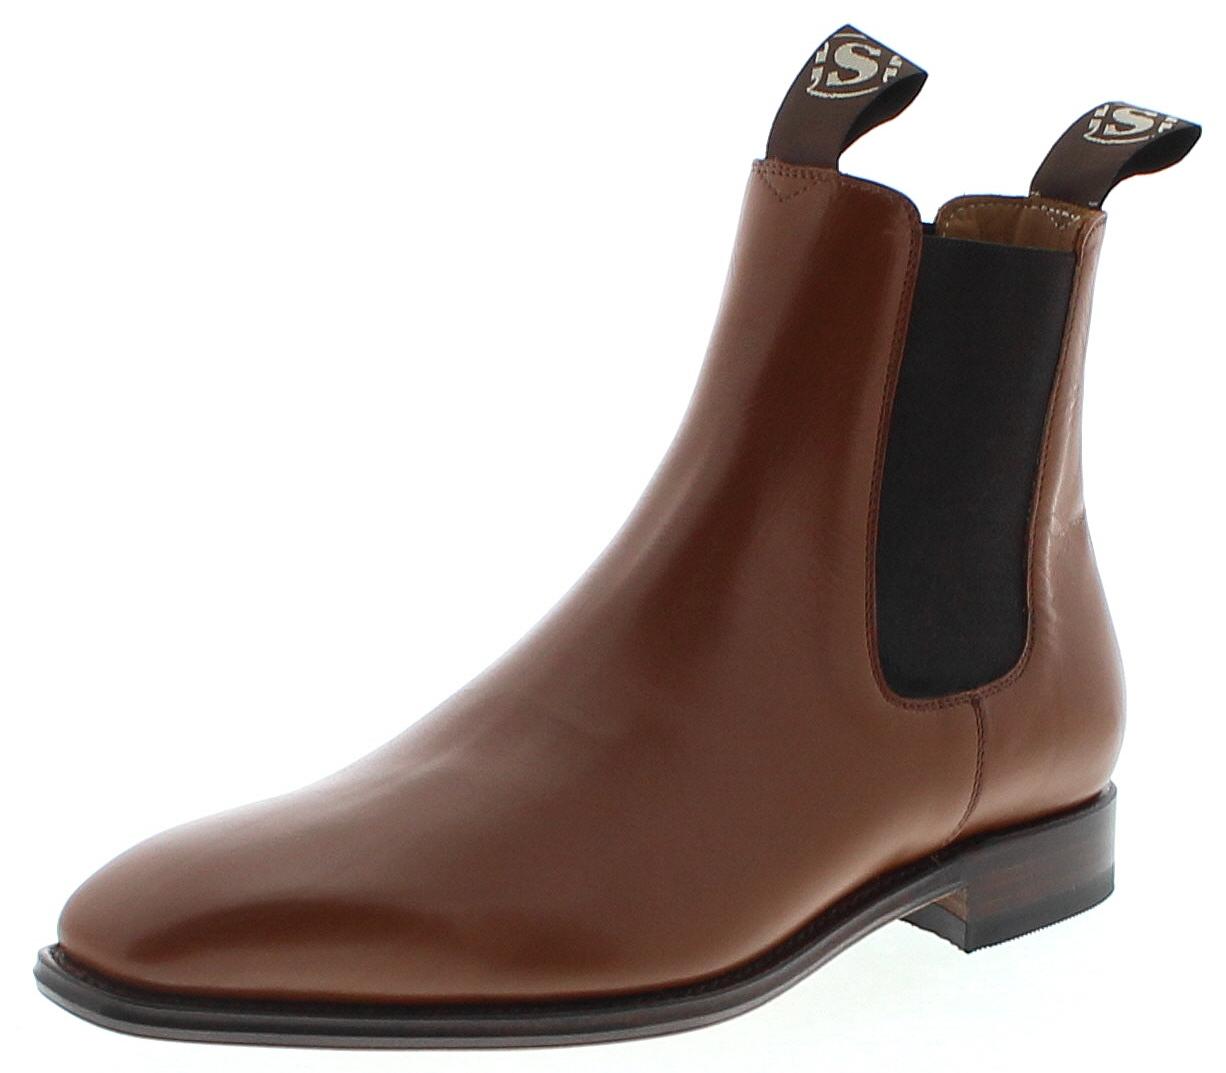 tolle sorten mäßiger Preis Bestbewertete Mode Sendra Boots 5595 COLLIN Box Jamaica Herren Chelsea Boot - braun